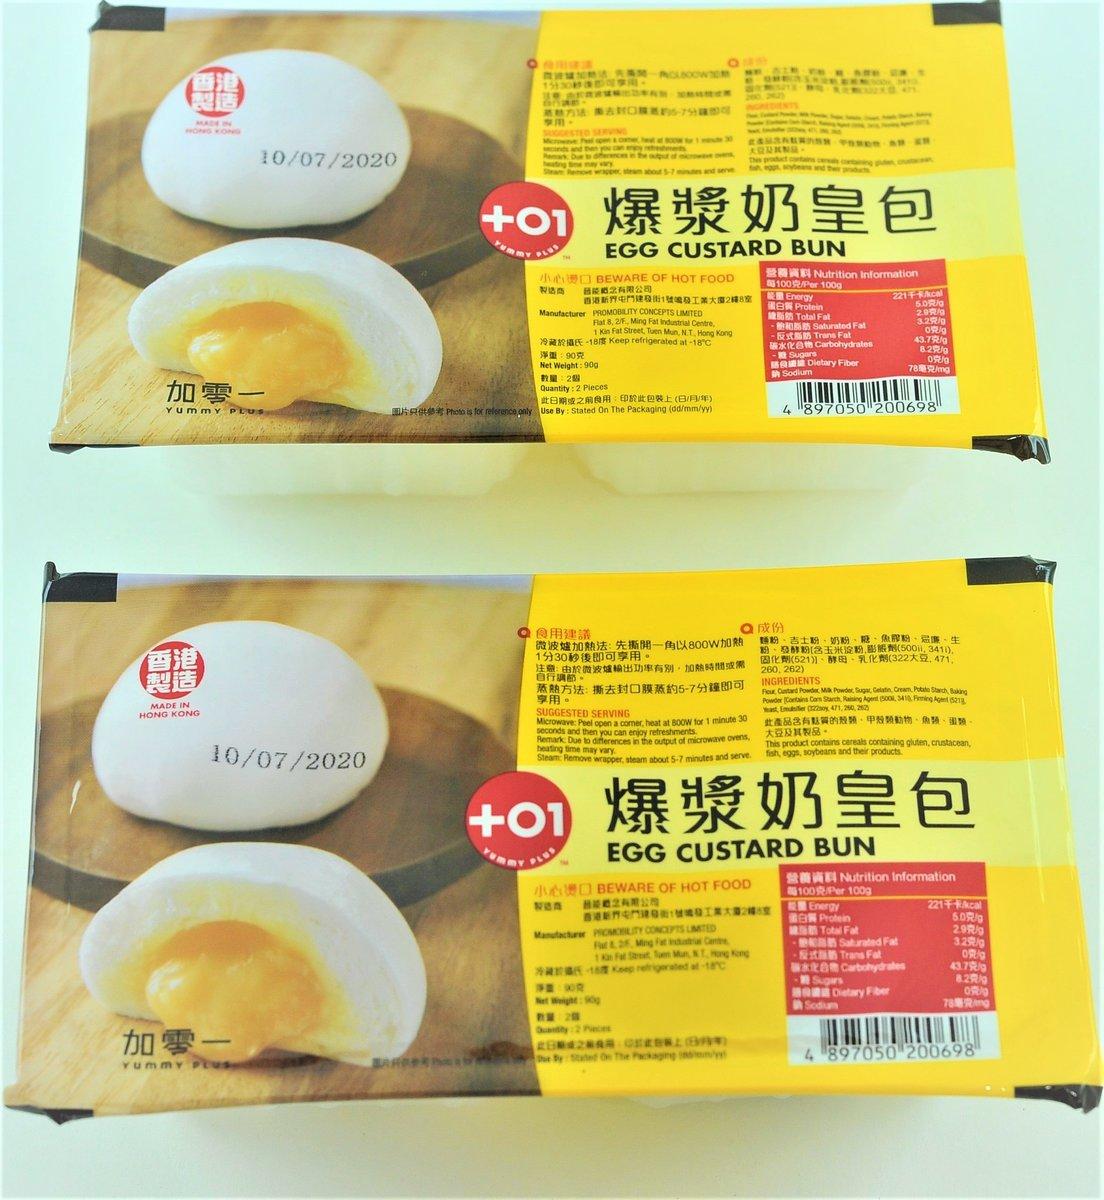 Egg Custard Bun (2 packs) (Frozen)